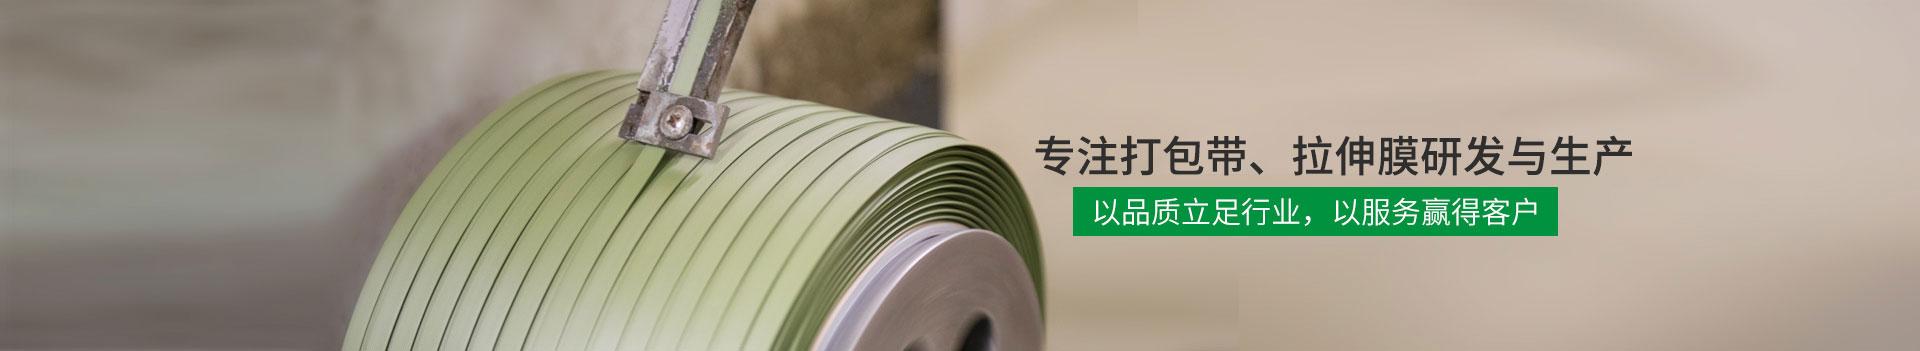 摩鑫平台-包装材料厂家